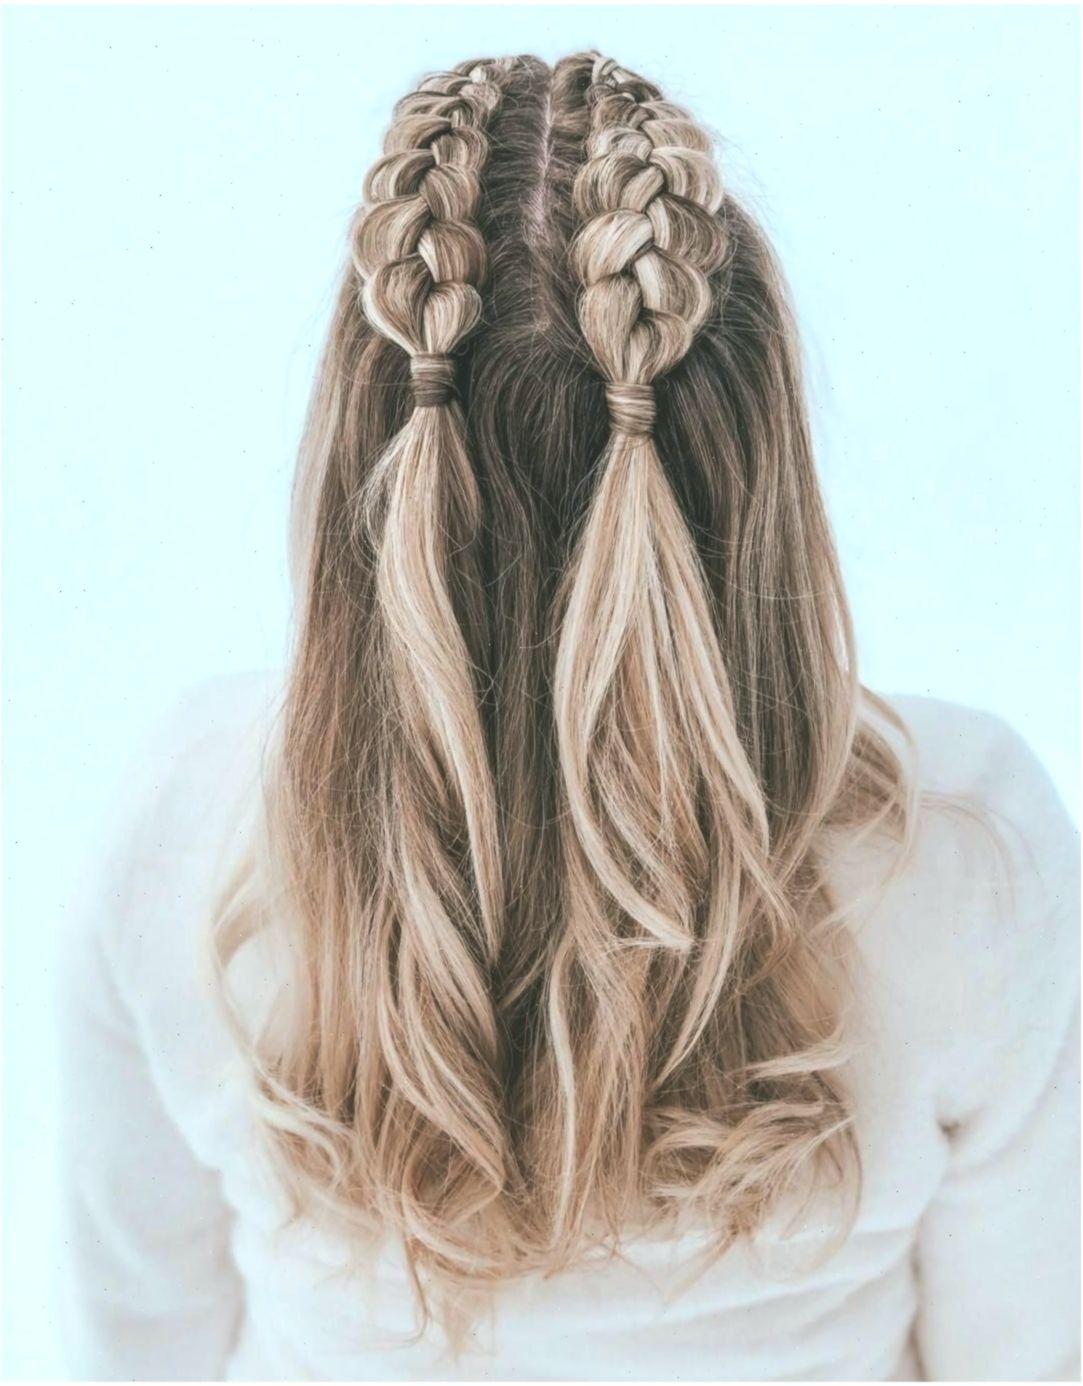 Tumblr Frisuren Frisuren Frisuren Tumblr Tumblrfrisuren In 2020 Medium Length Hair Styles Hair Lengths Hair Styles